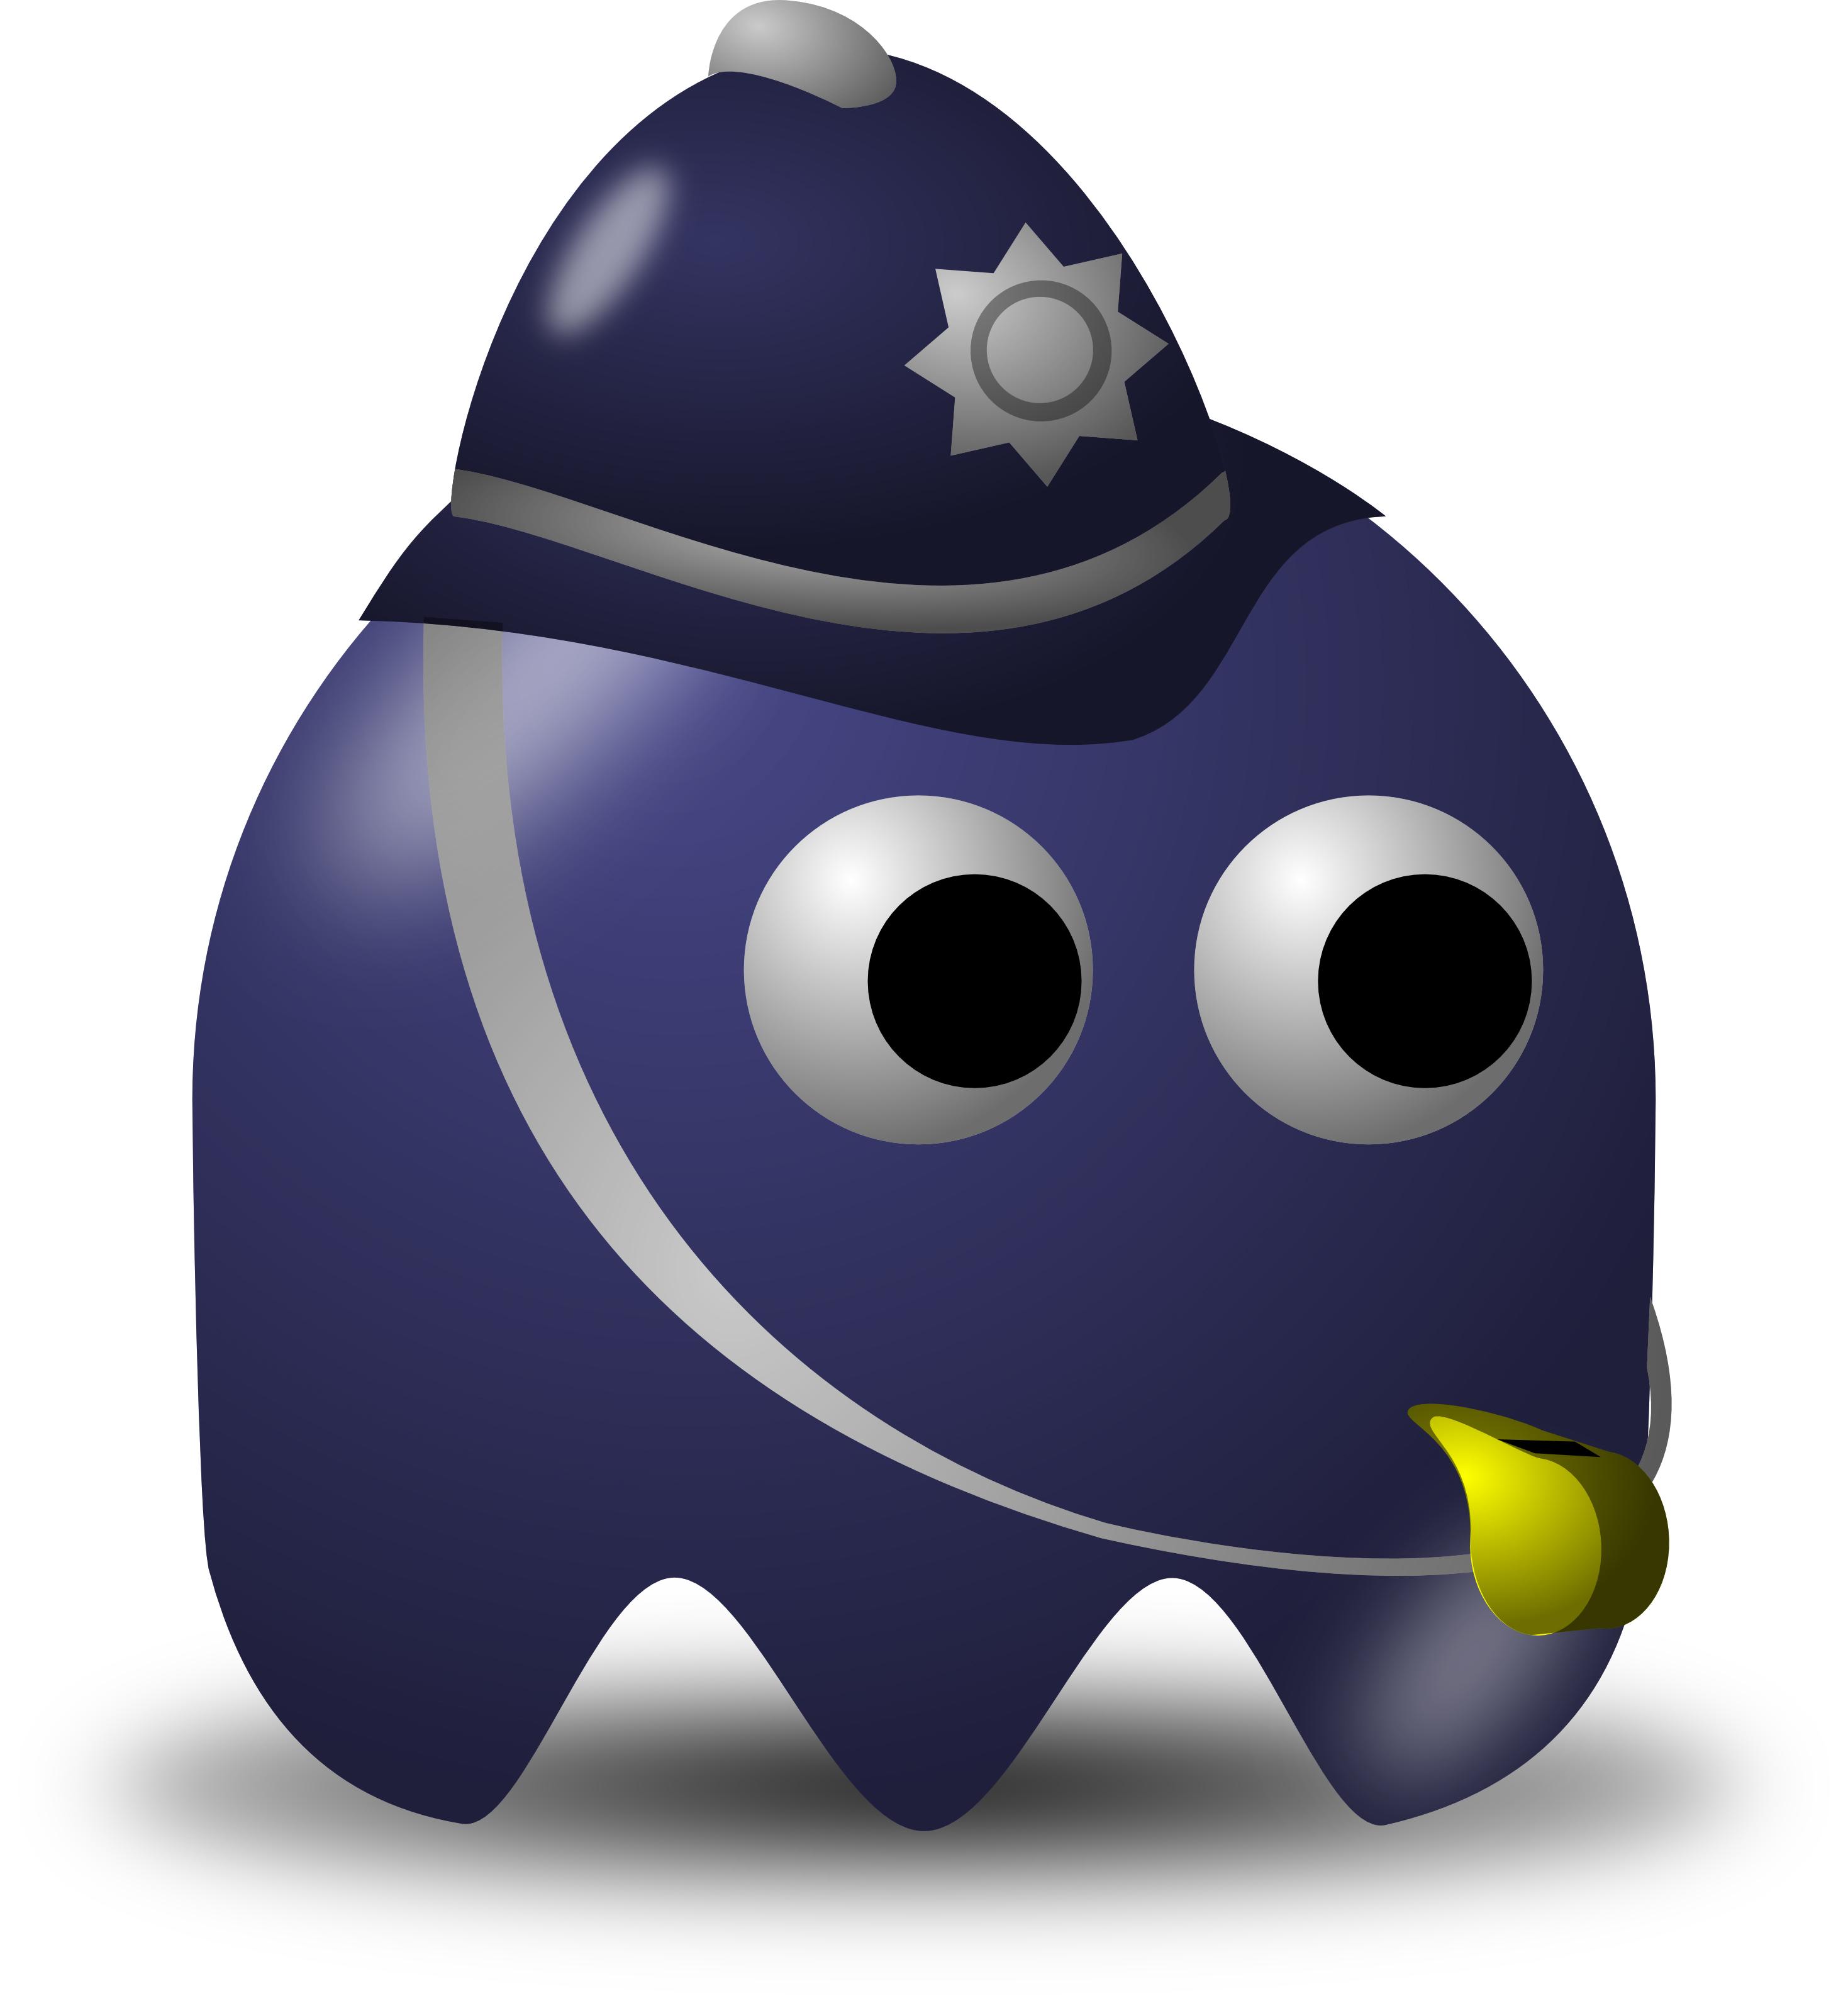 avatar clipart clipart panda free clipart images police clipart police clipart black and white